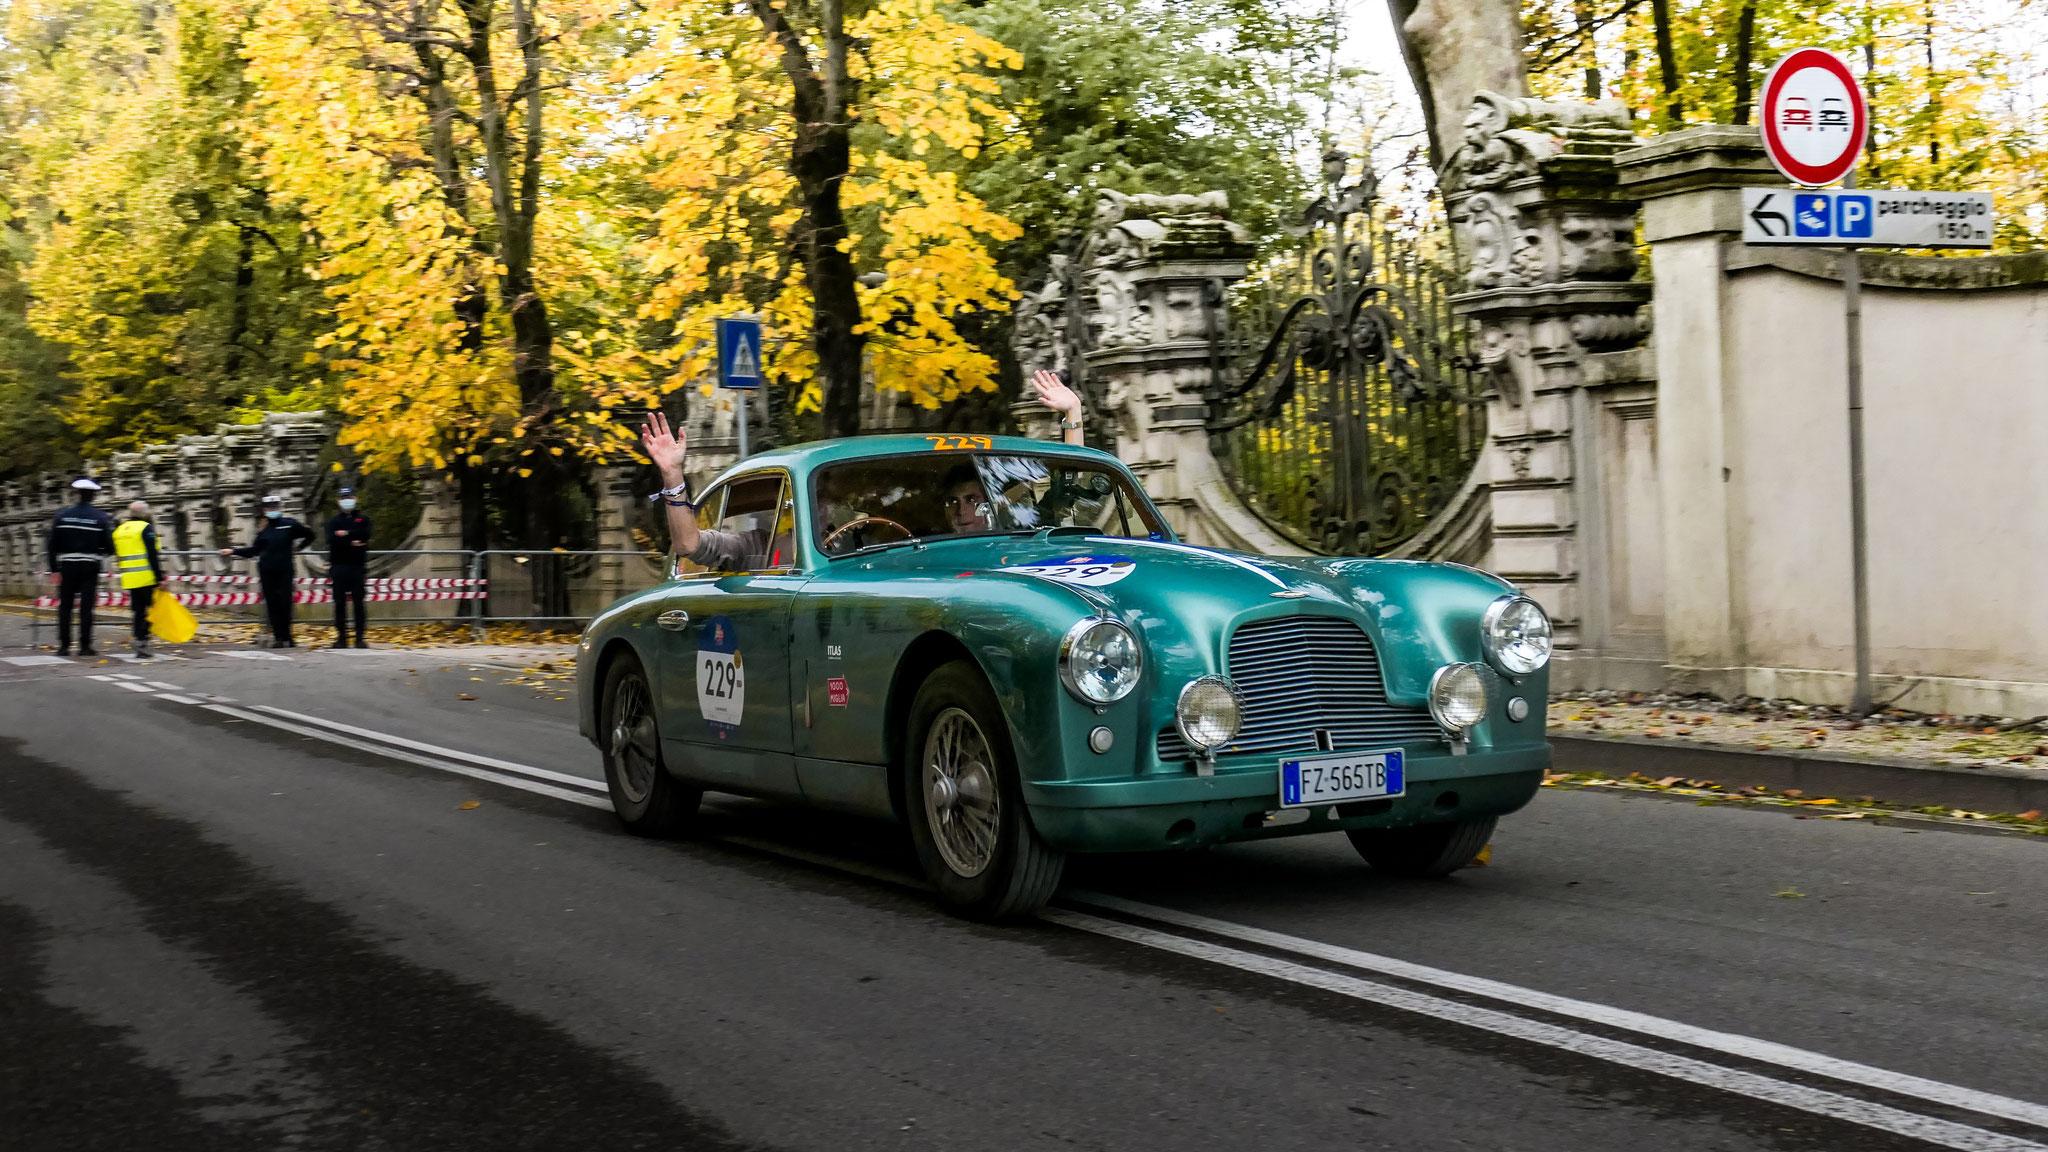 Aston Martin DB2 - FZ-565-TB (ITA)